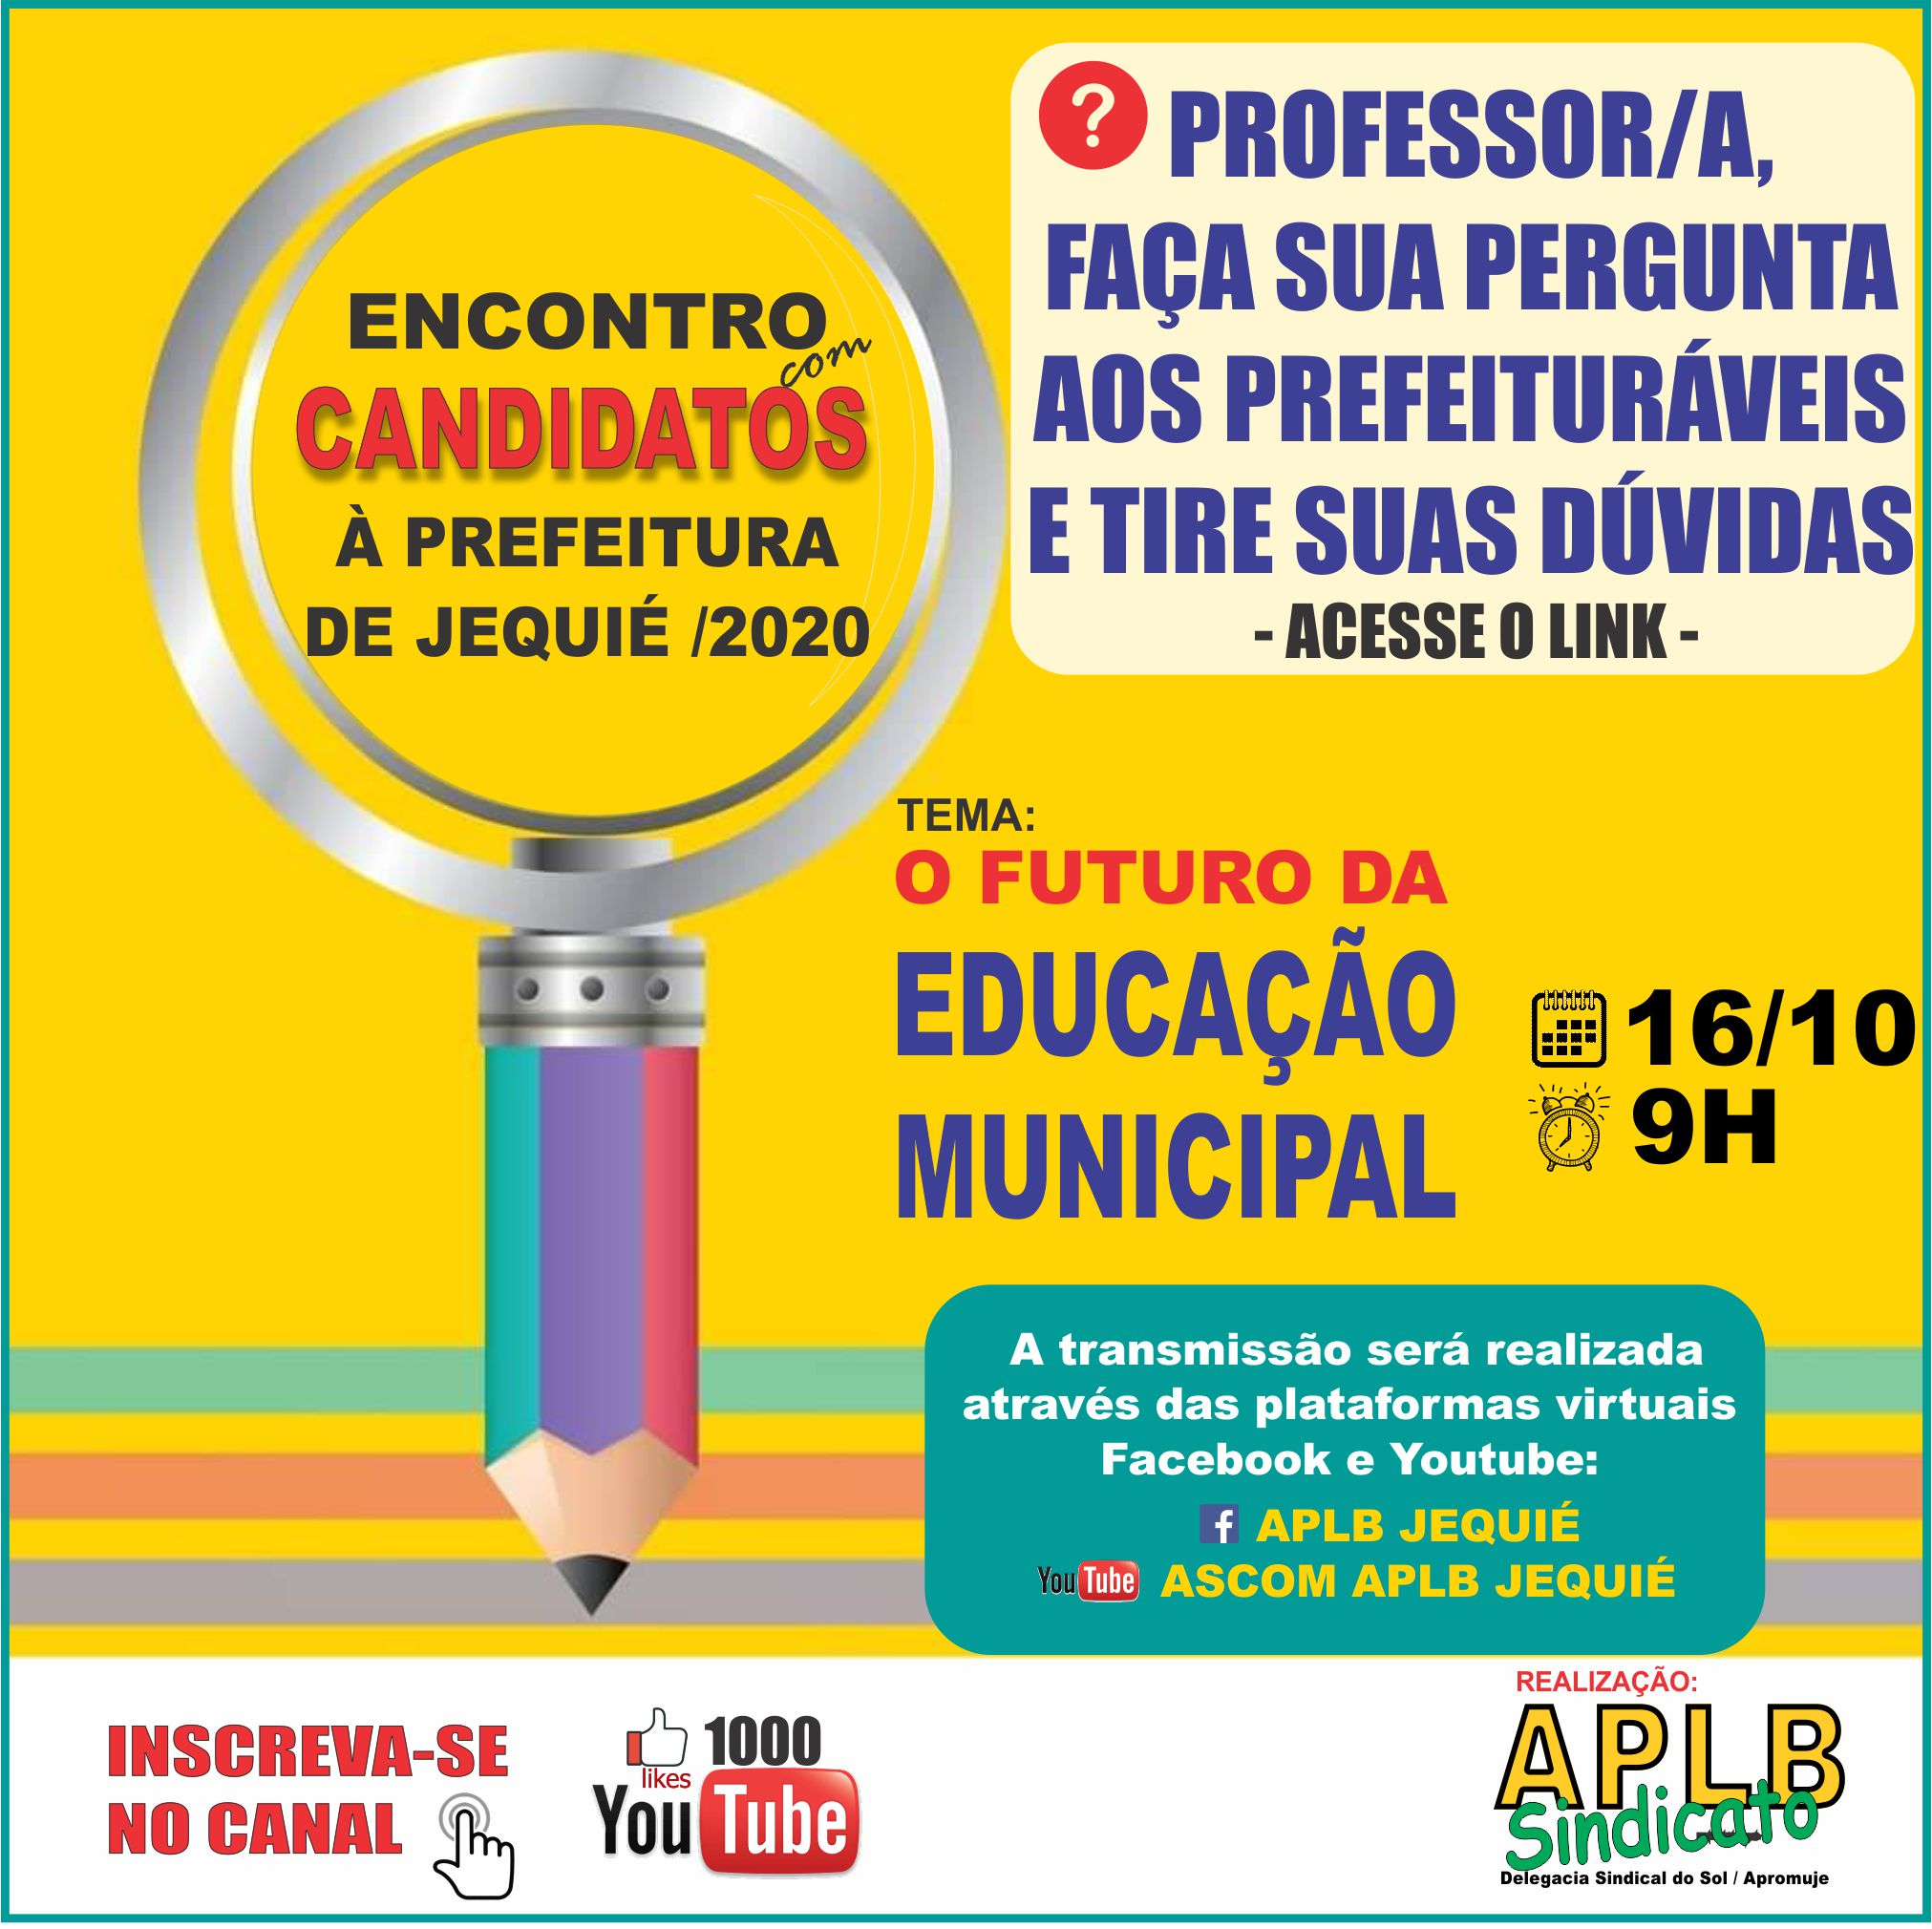 PROFESSOR/A FAÇA SUA PERGUNTA AOS PREFEITURÁVEIS E TIRE SUAS DÚVIDAS